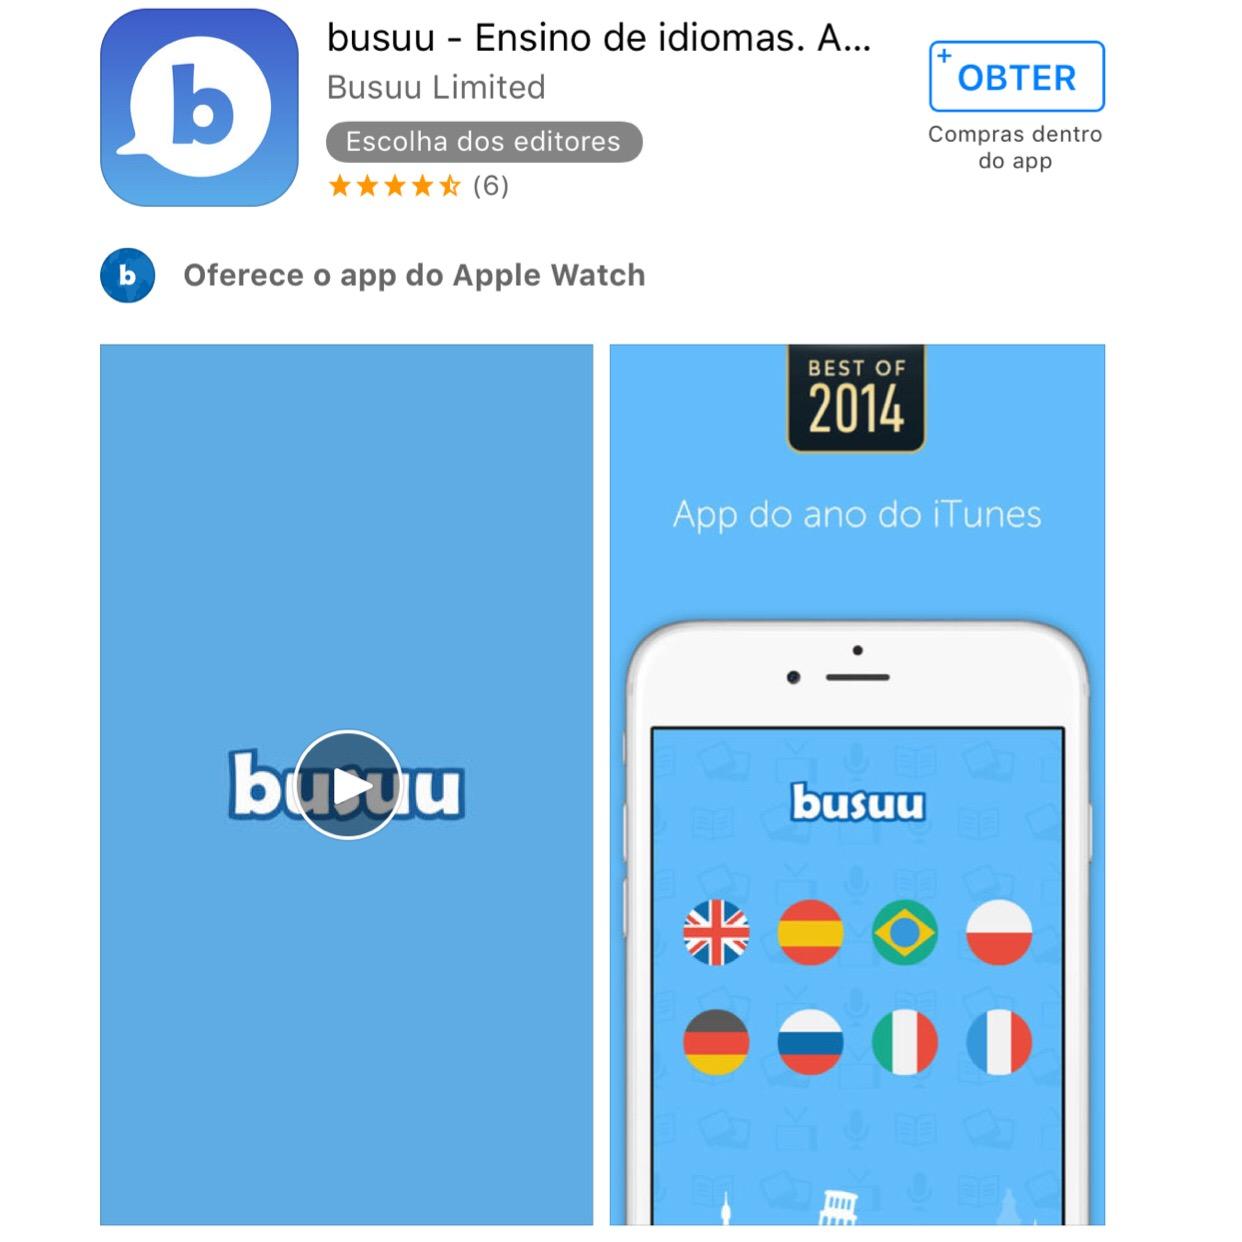 busuu -aplicativos, programas e sites gratuitos para aprender língua estrangeira sem pagar nada